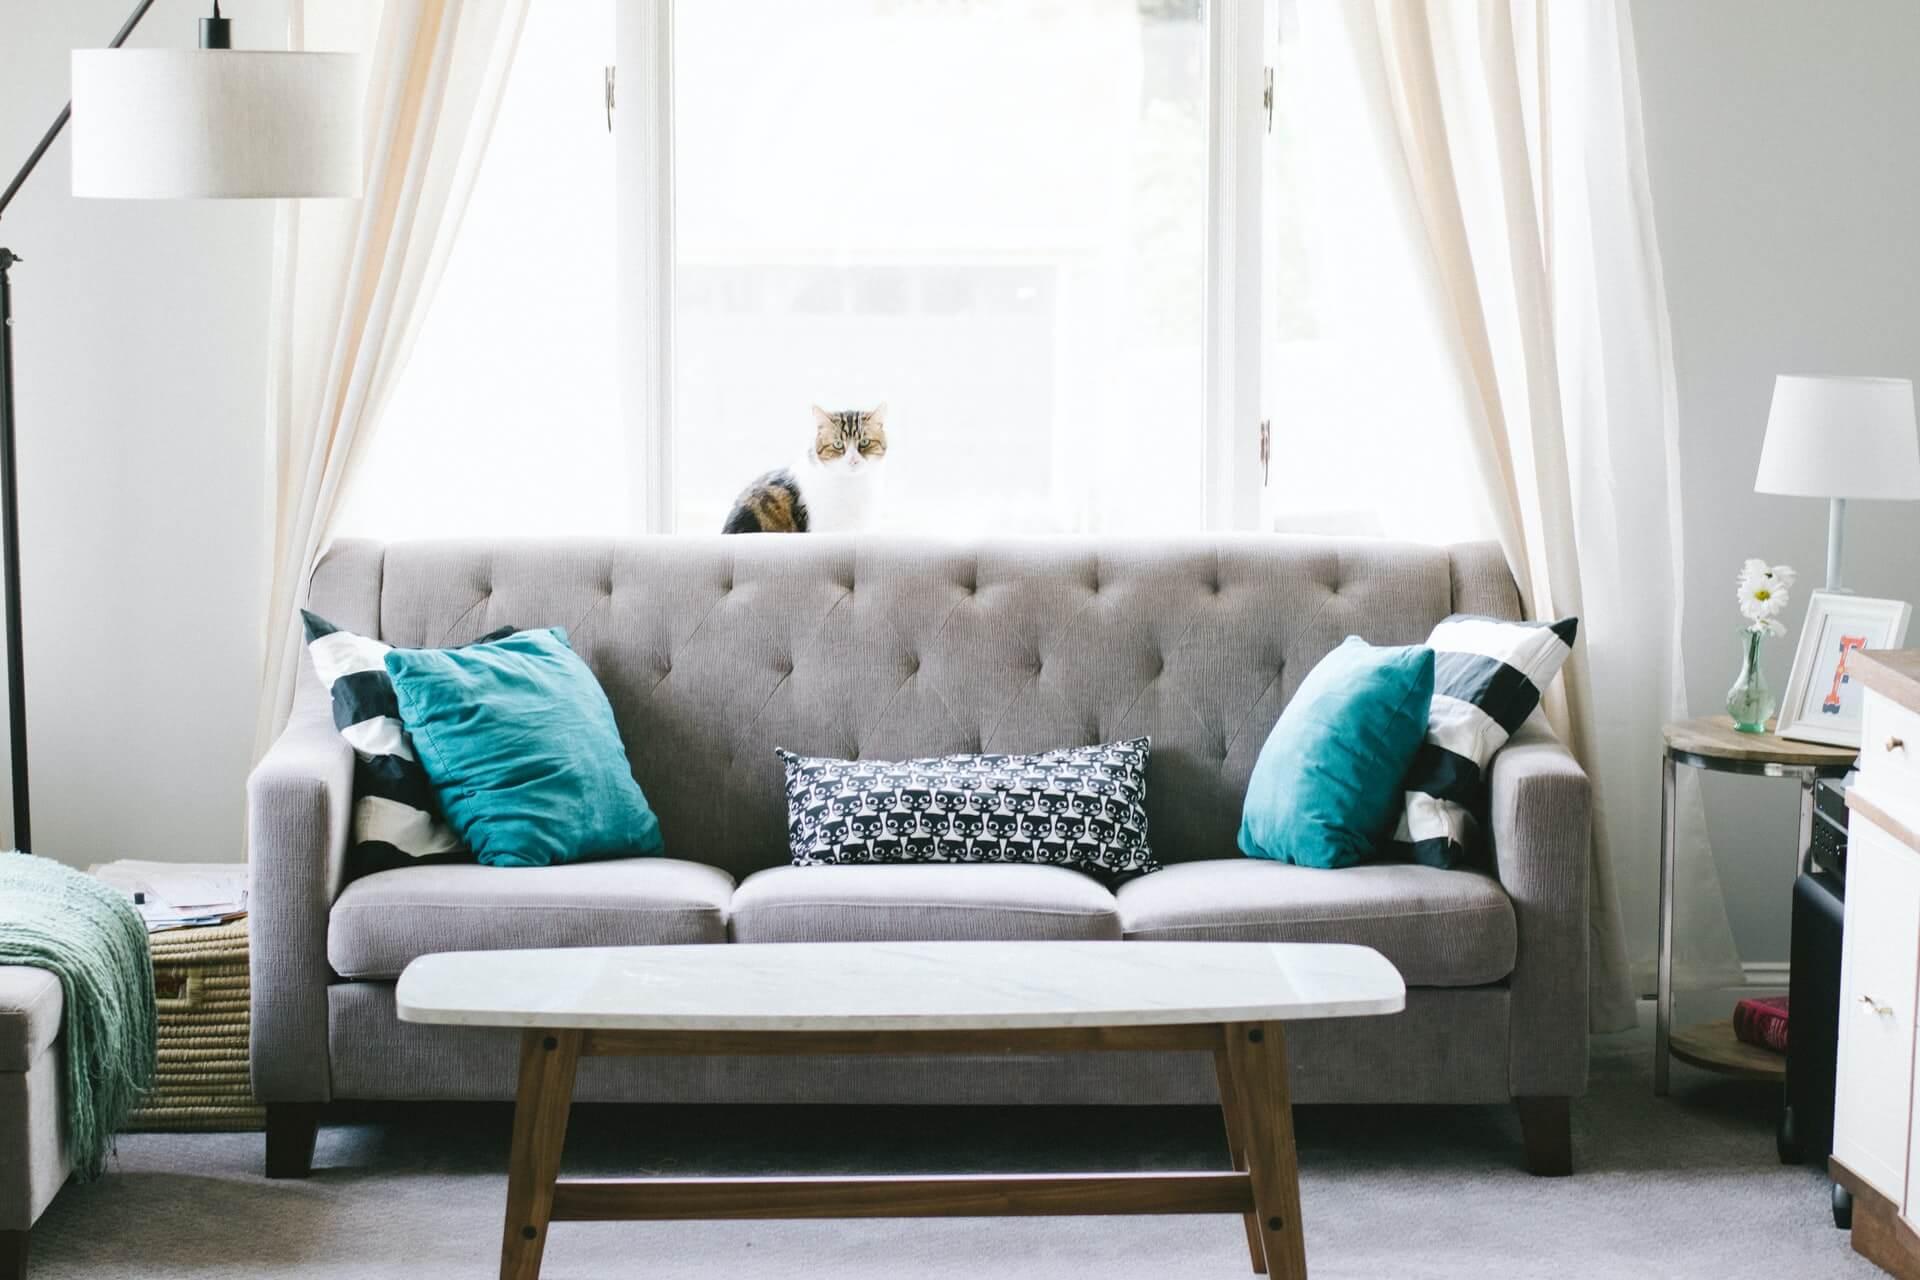 Teal pillows arranged on a grey sofa